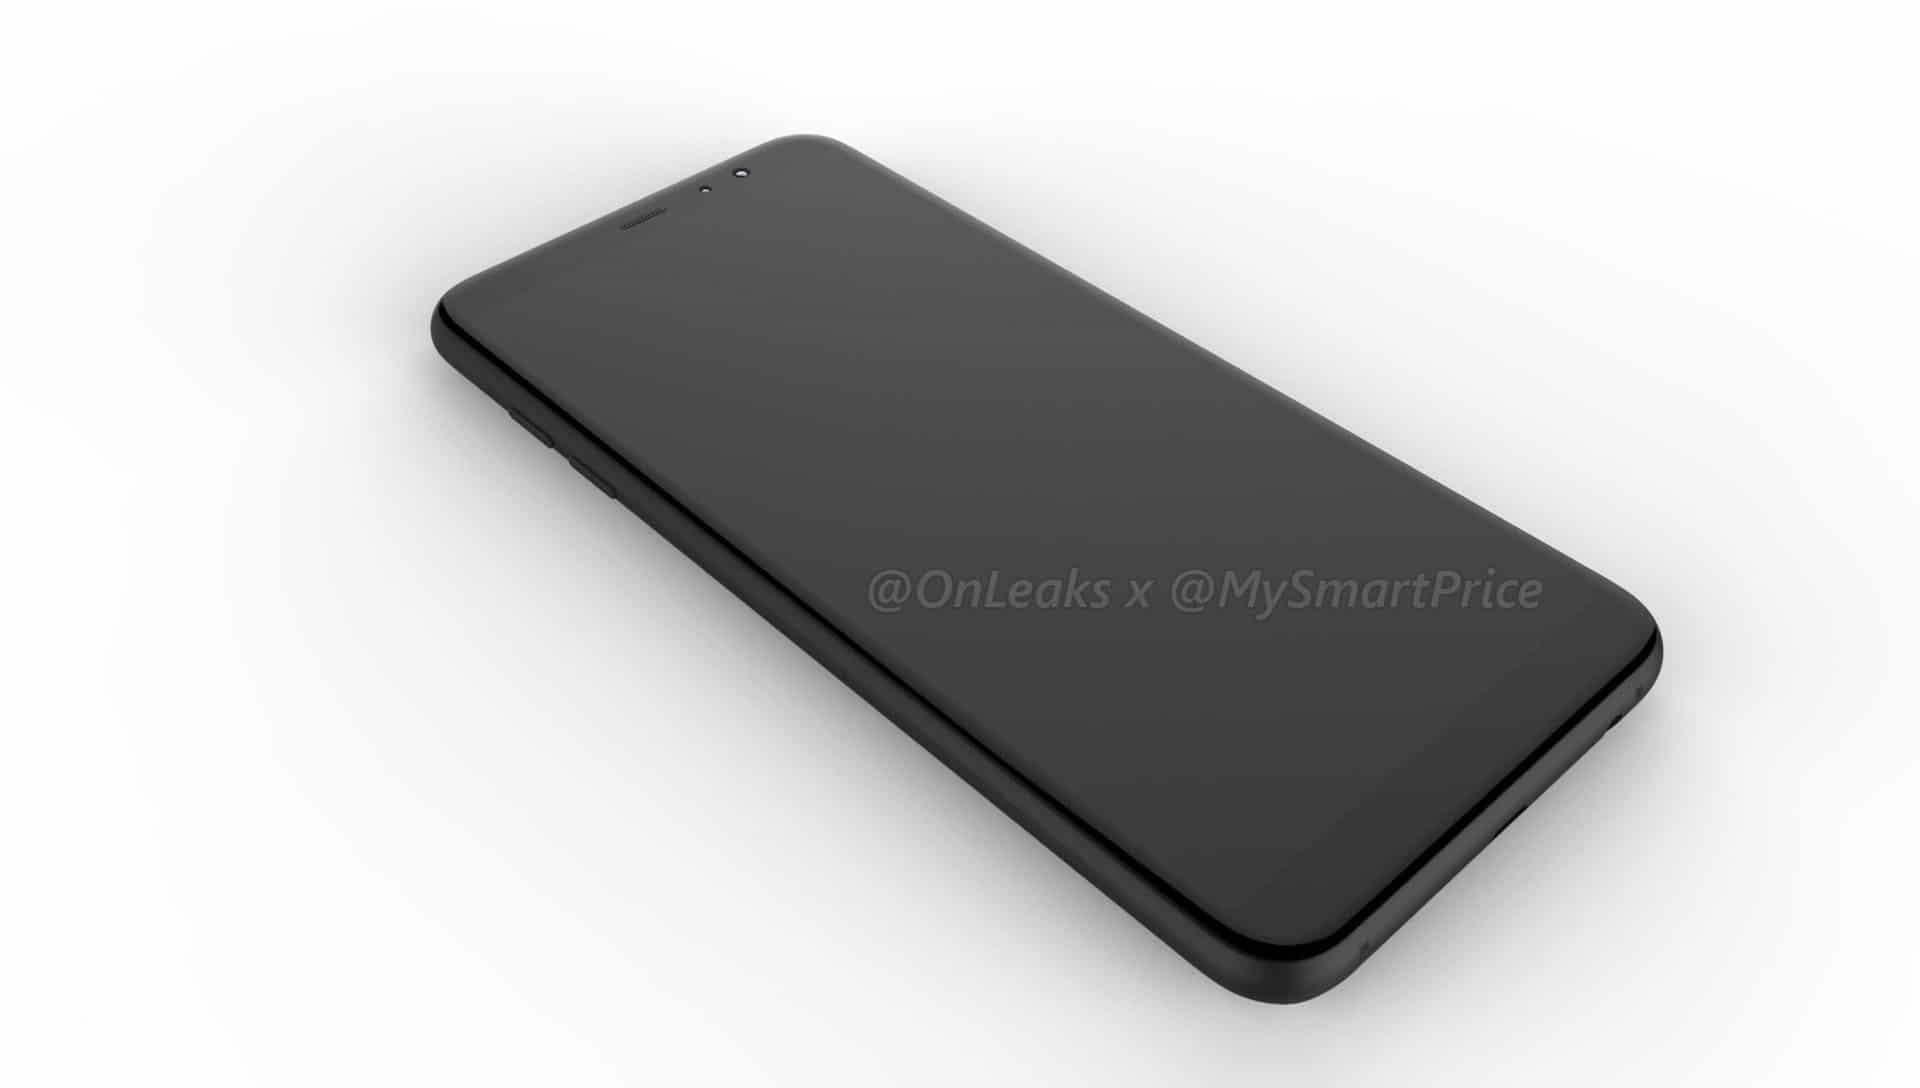 Samsung Galaxy A6 MSP Plus OnLeaks 4